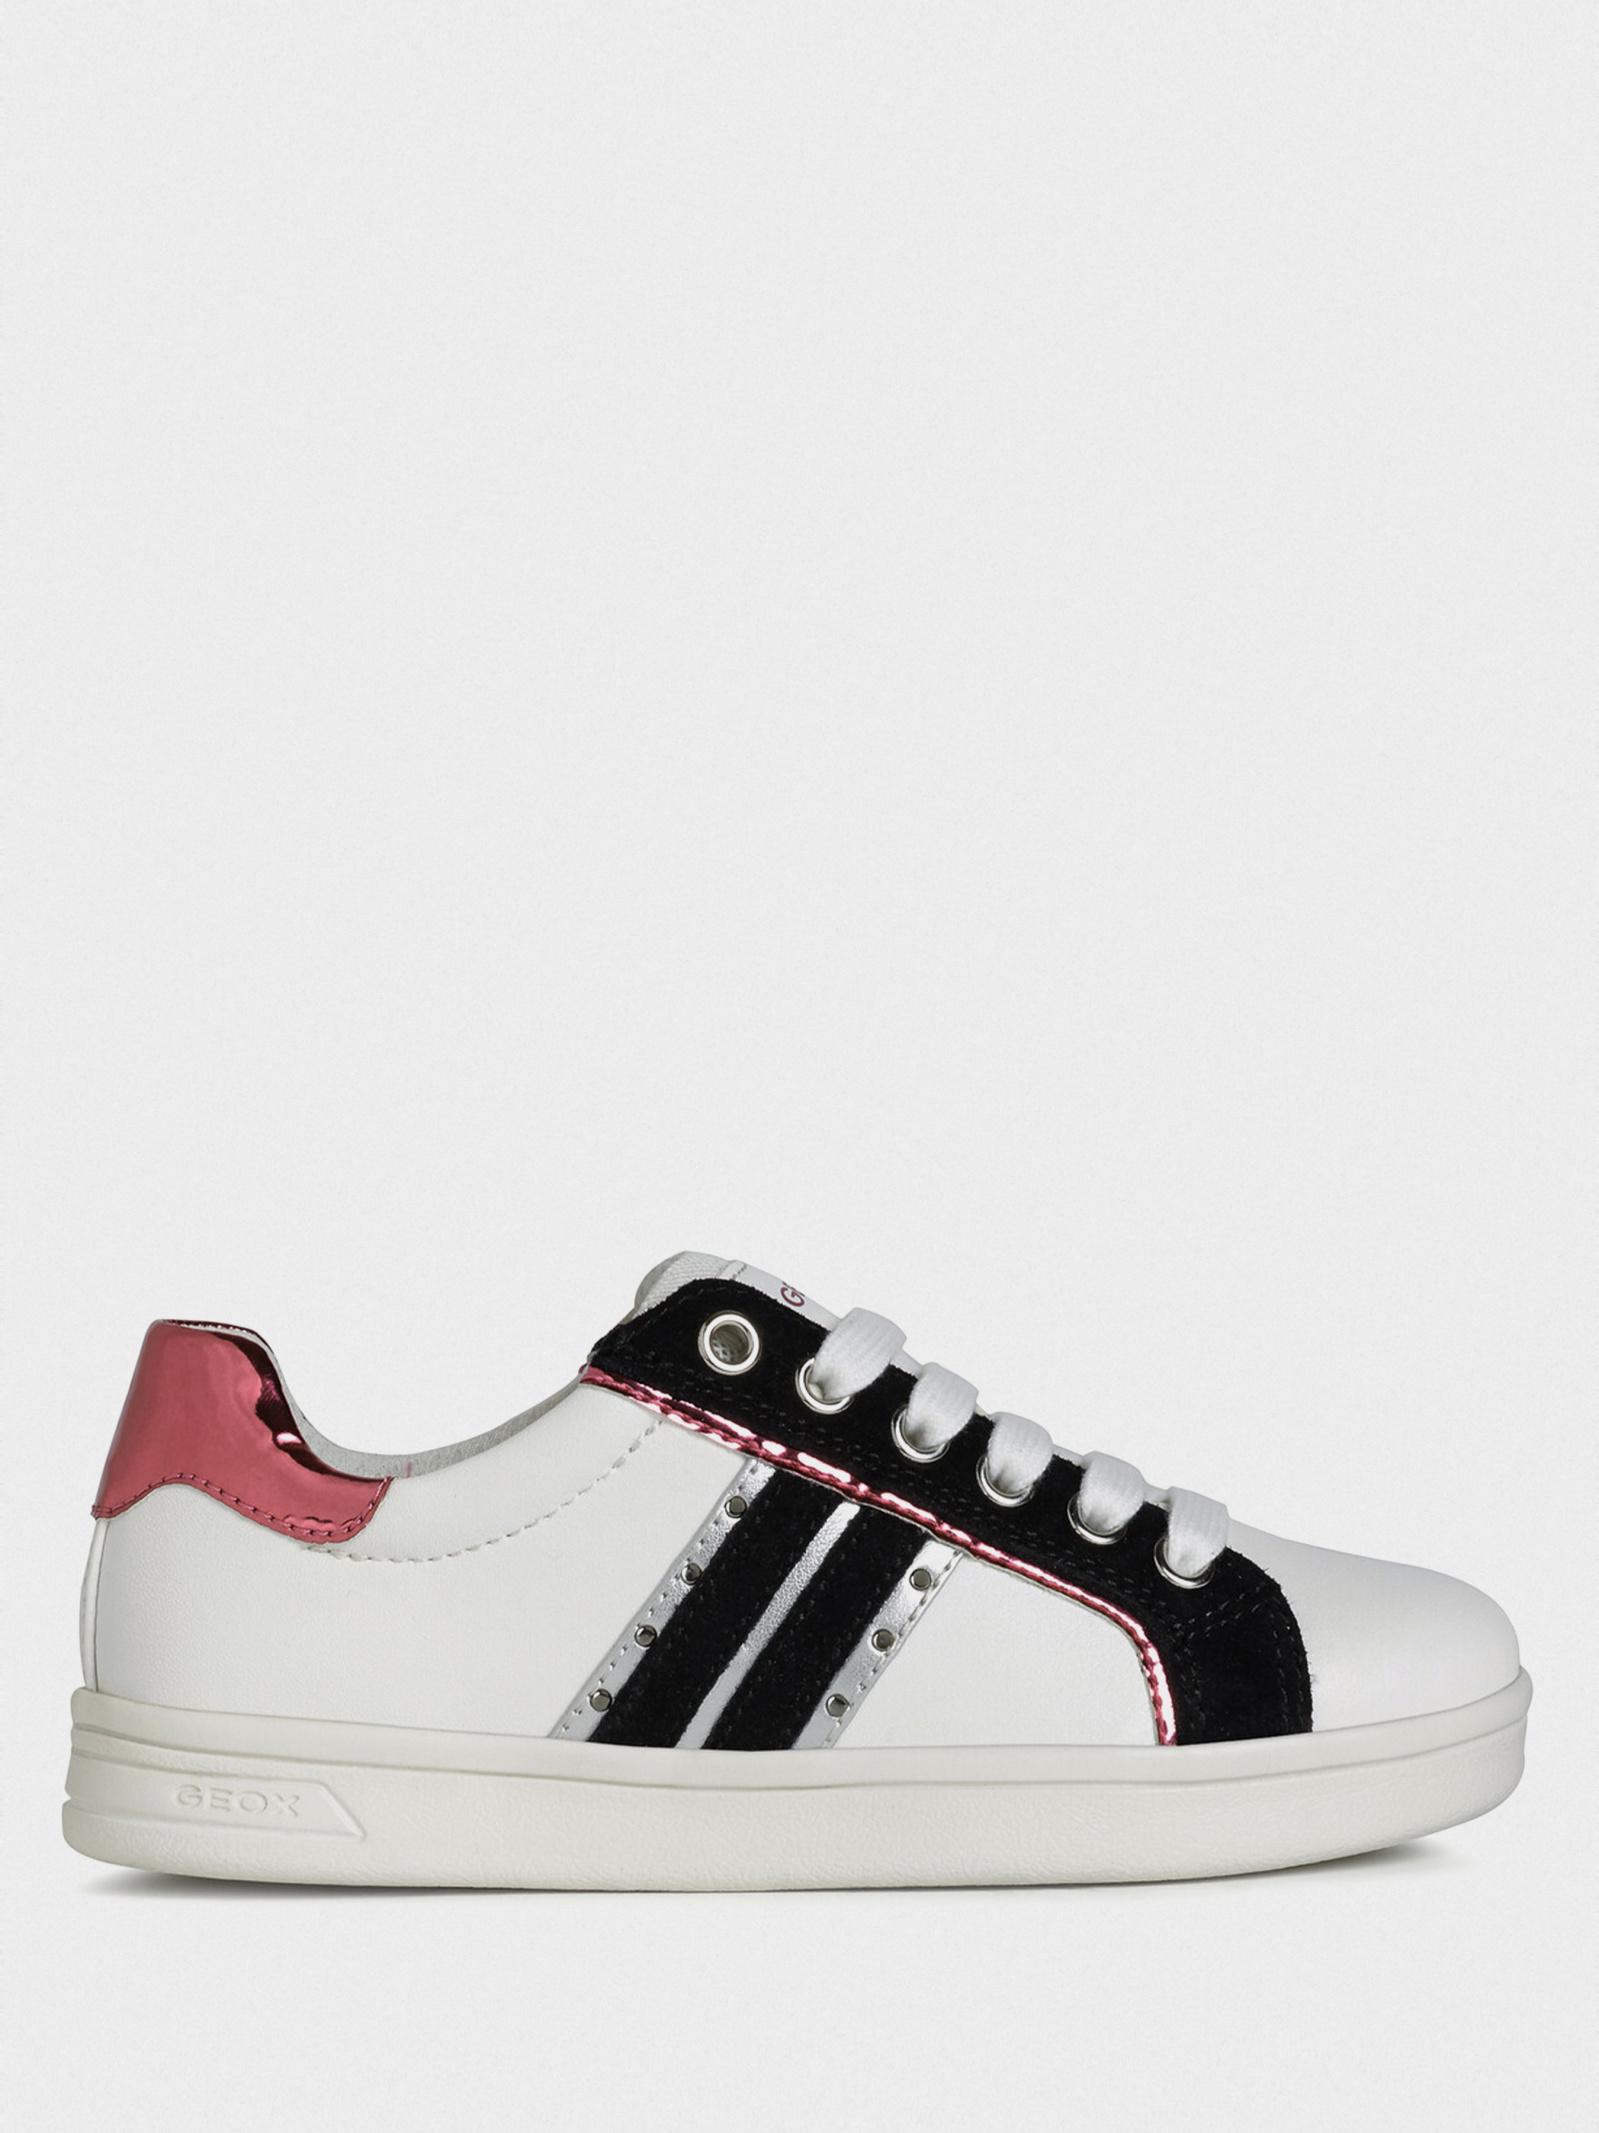 Напівчеревики  дитячі Geox J DJROCK GIRL J024MG-05422-C0404 розмірна сітка взуття, 2017